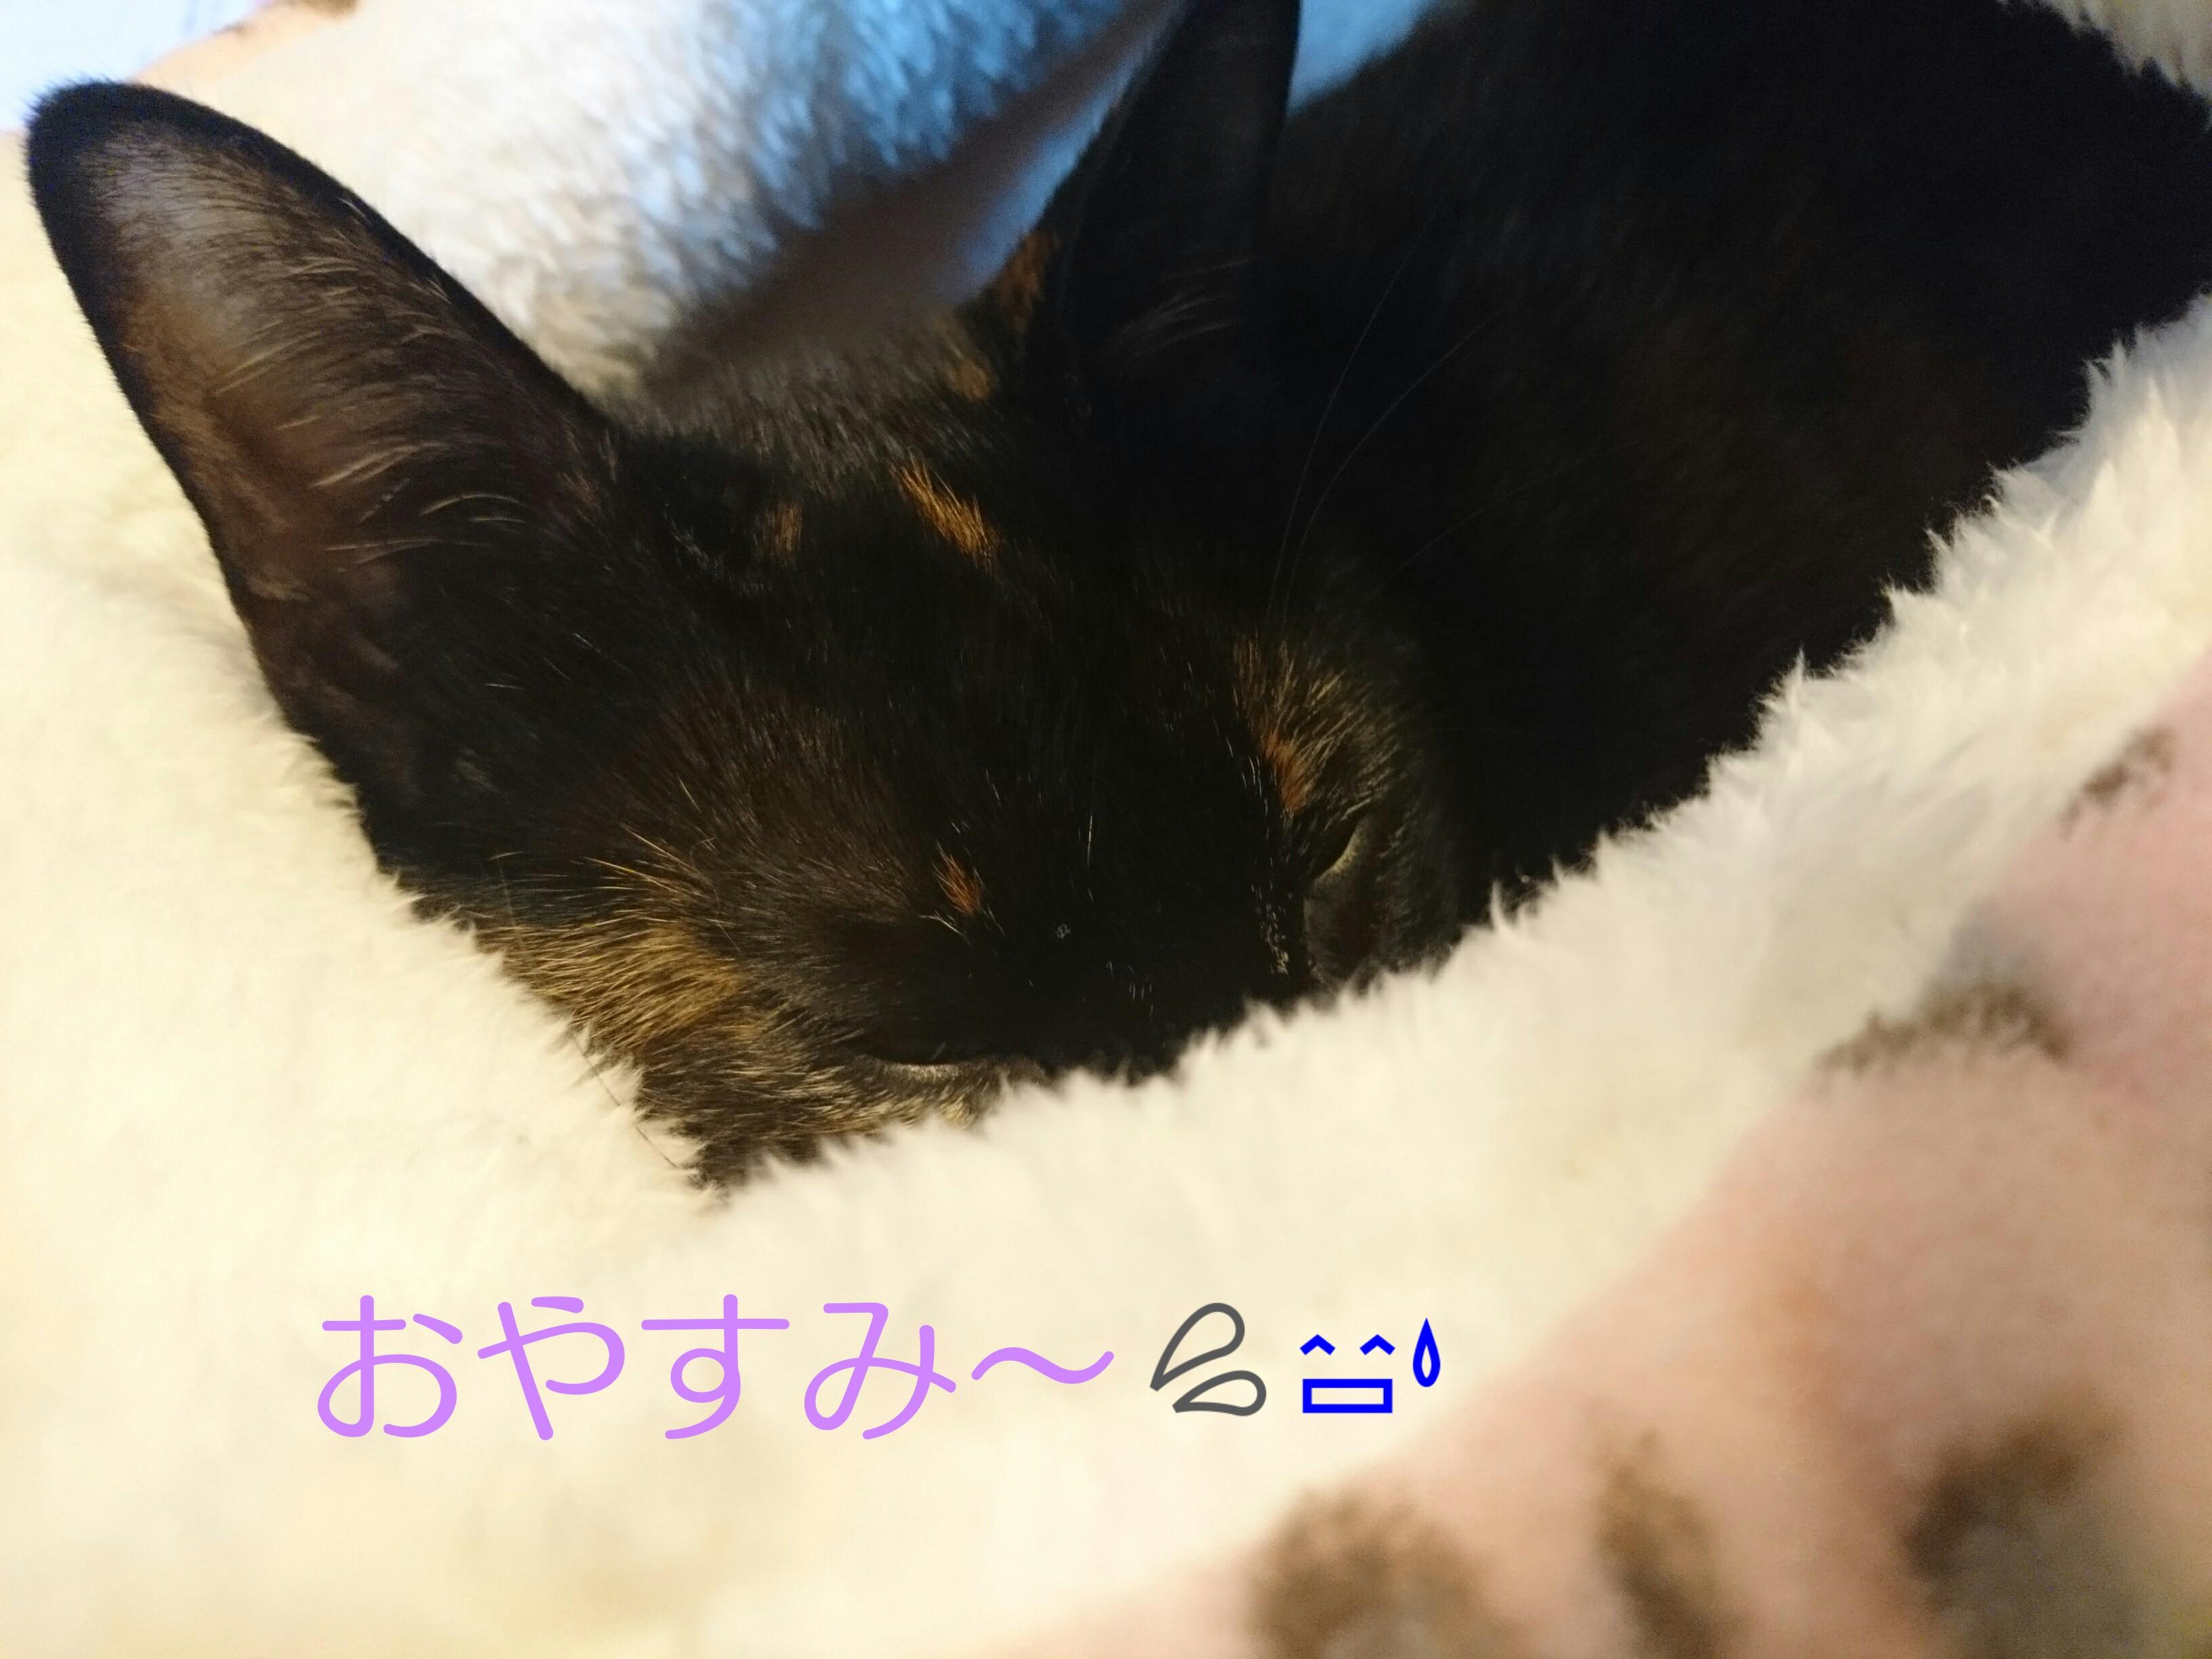 moblog_e9806a0f.jpg